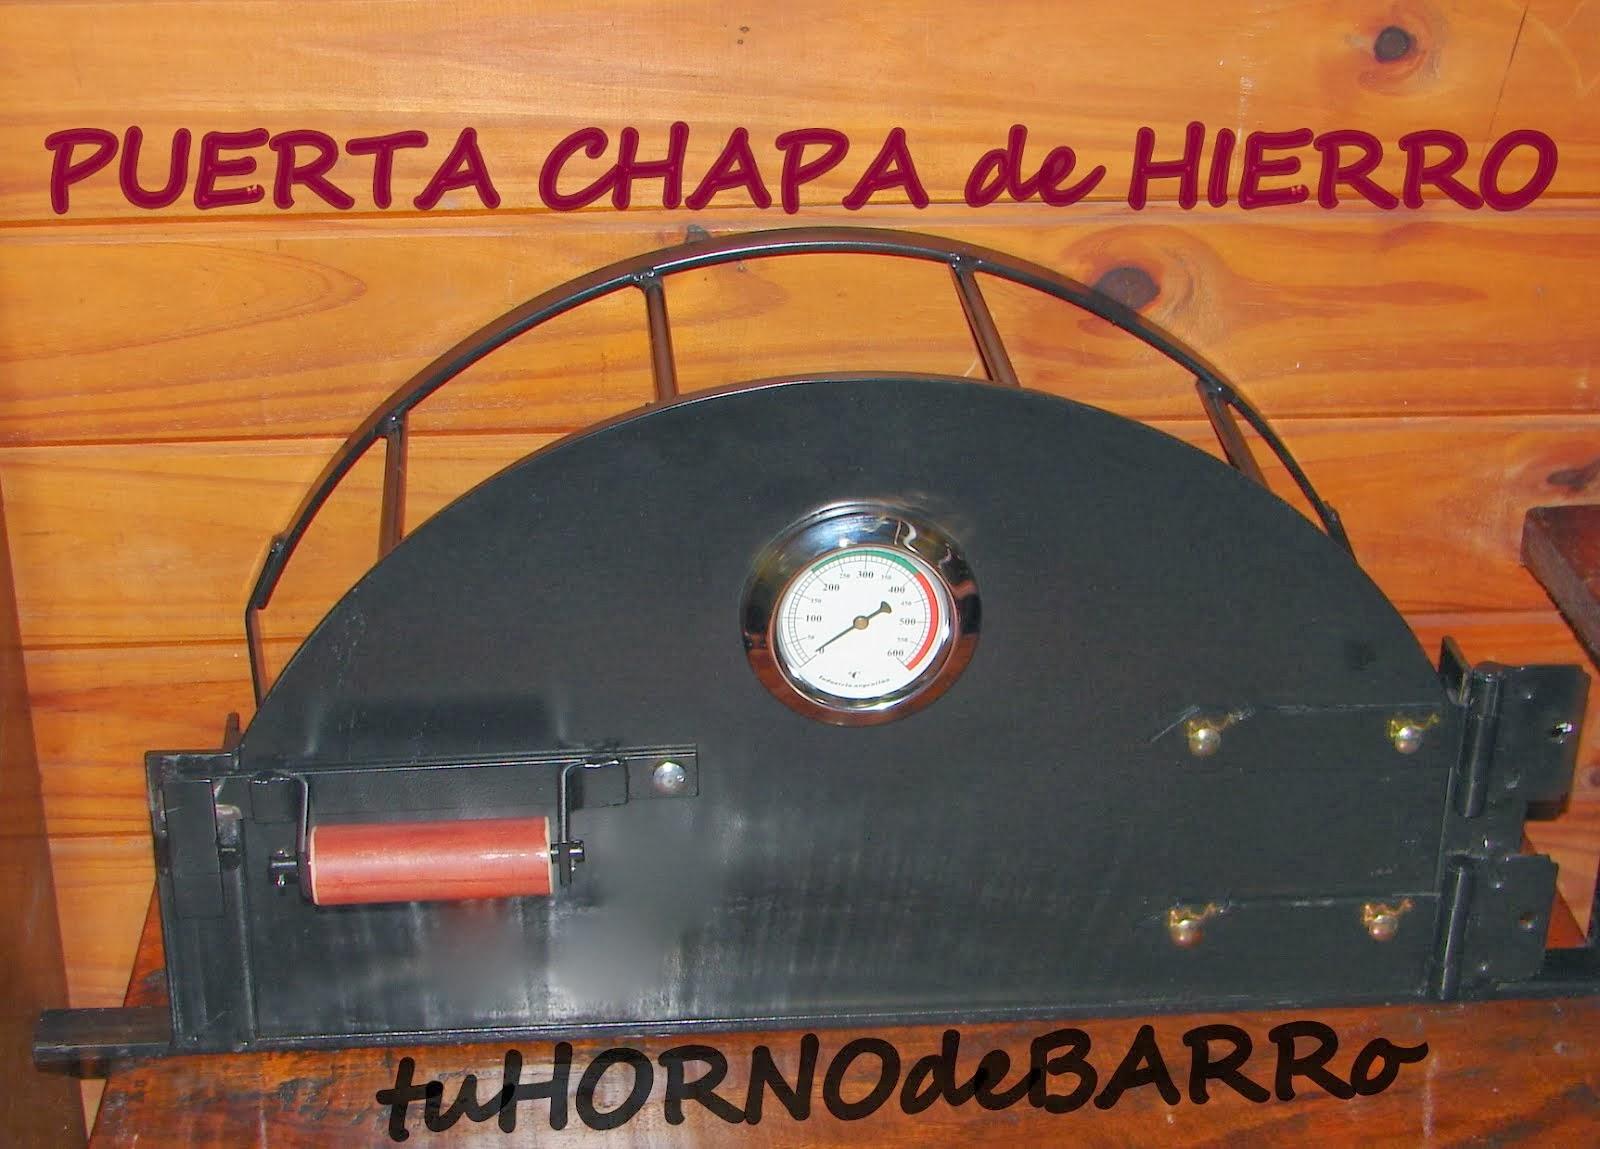 PUERTA CHAPA de HIERRO